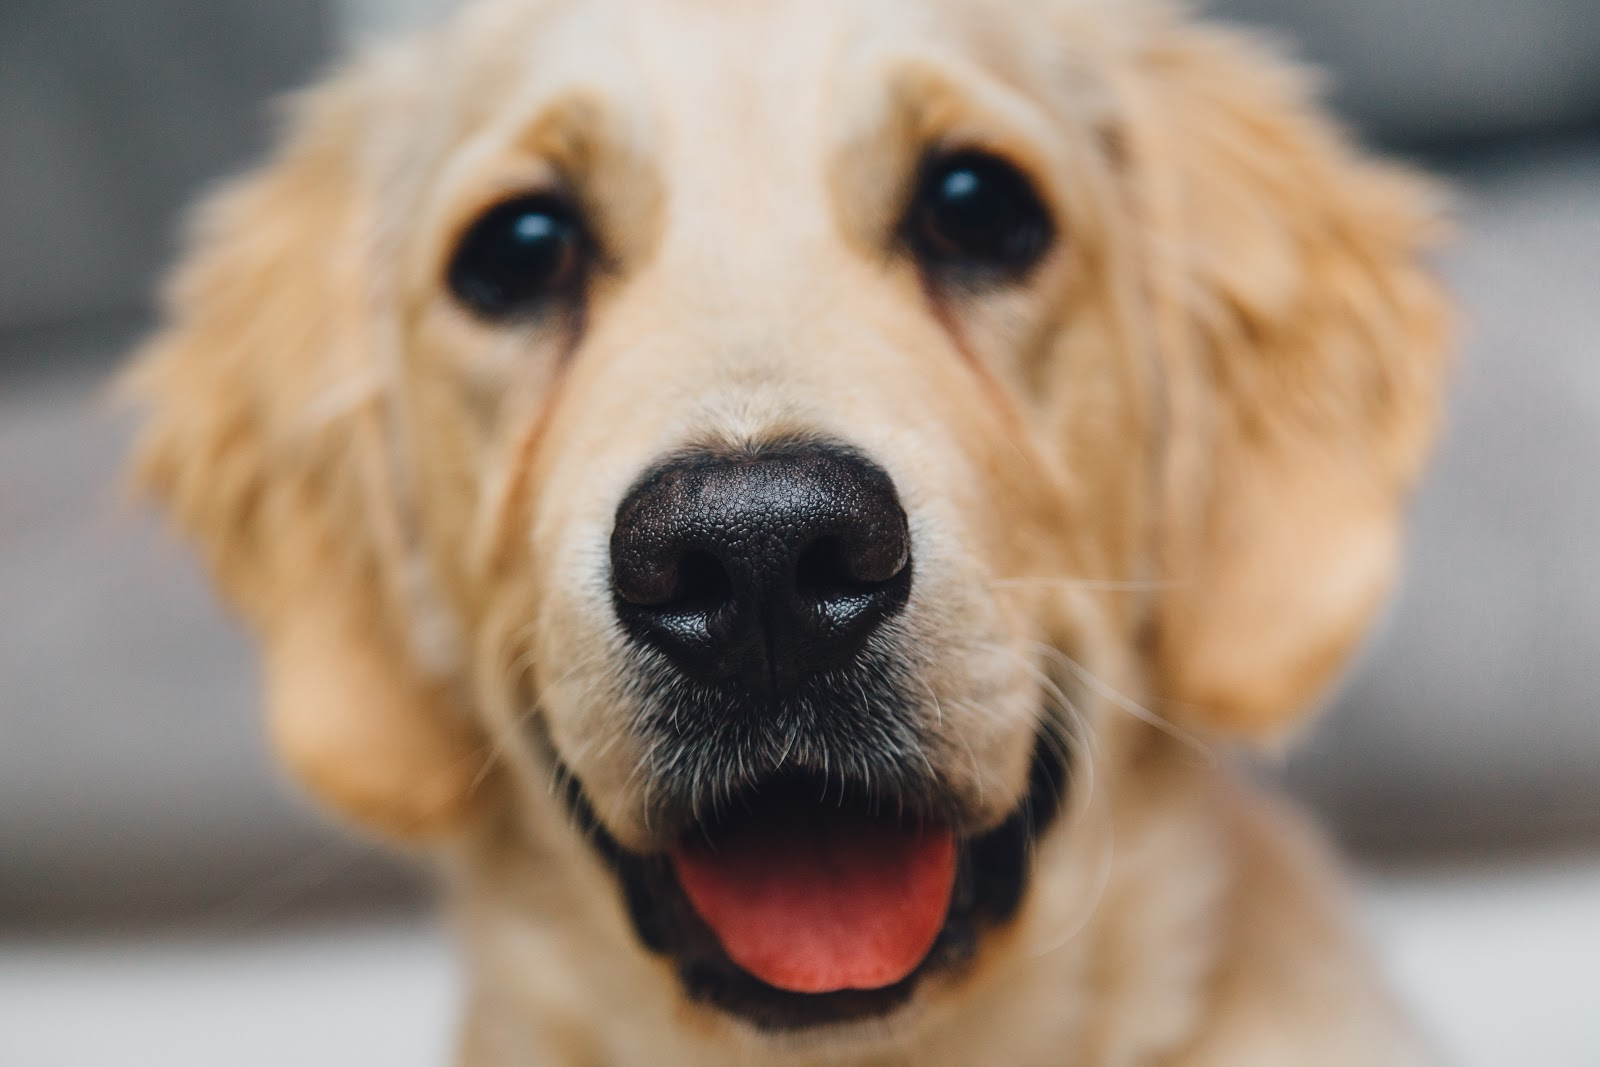 night-animal-dog-pet.jpg